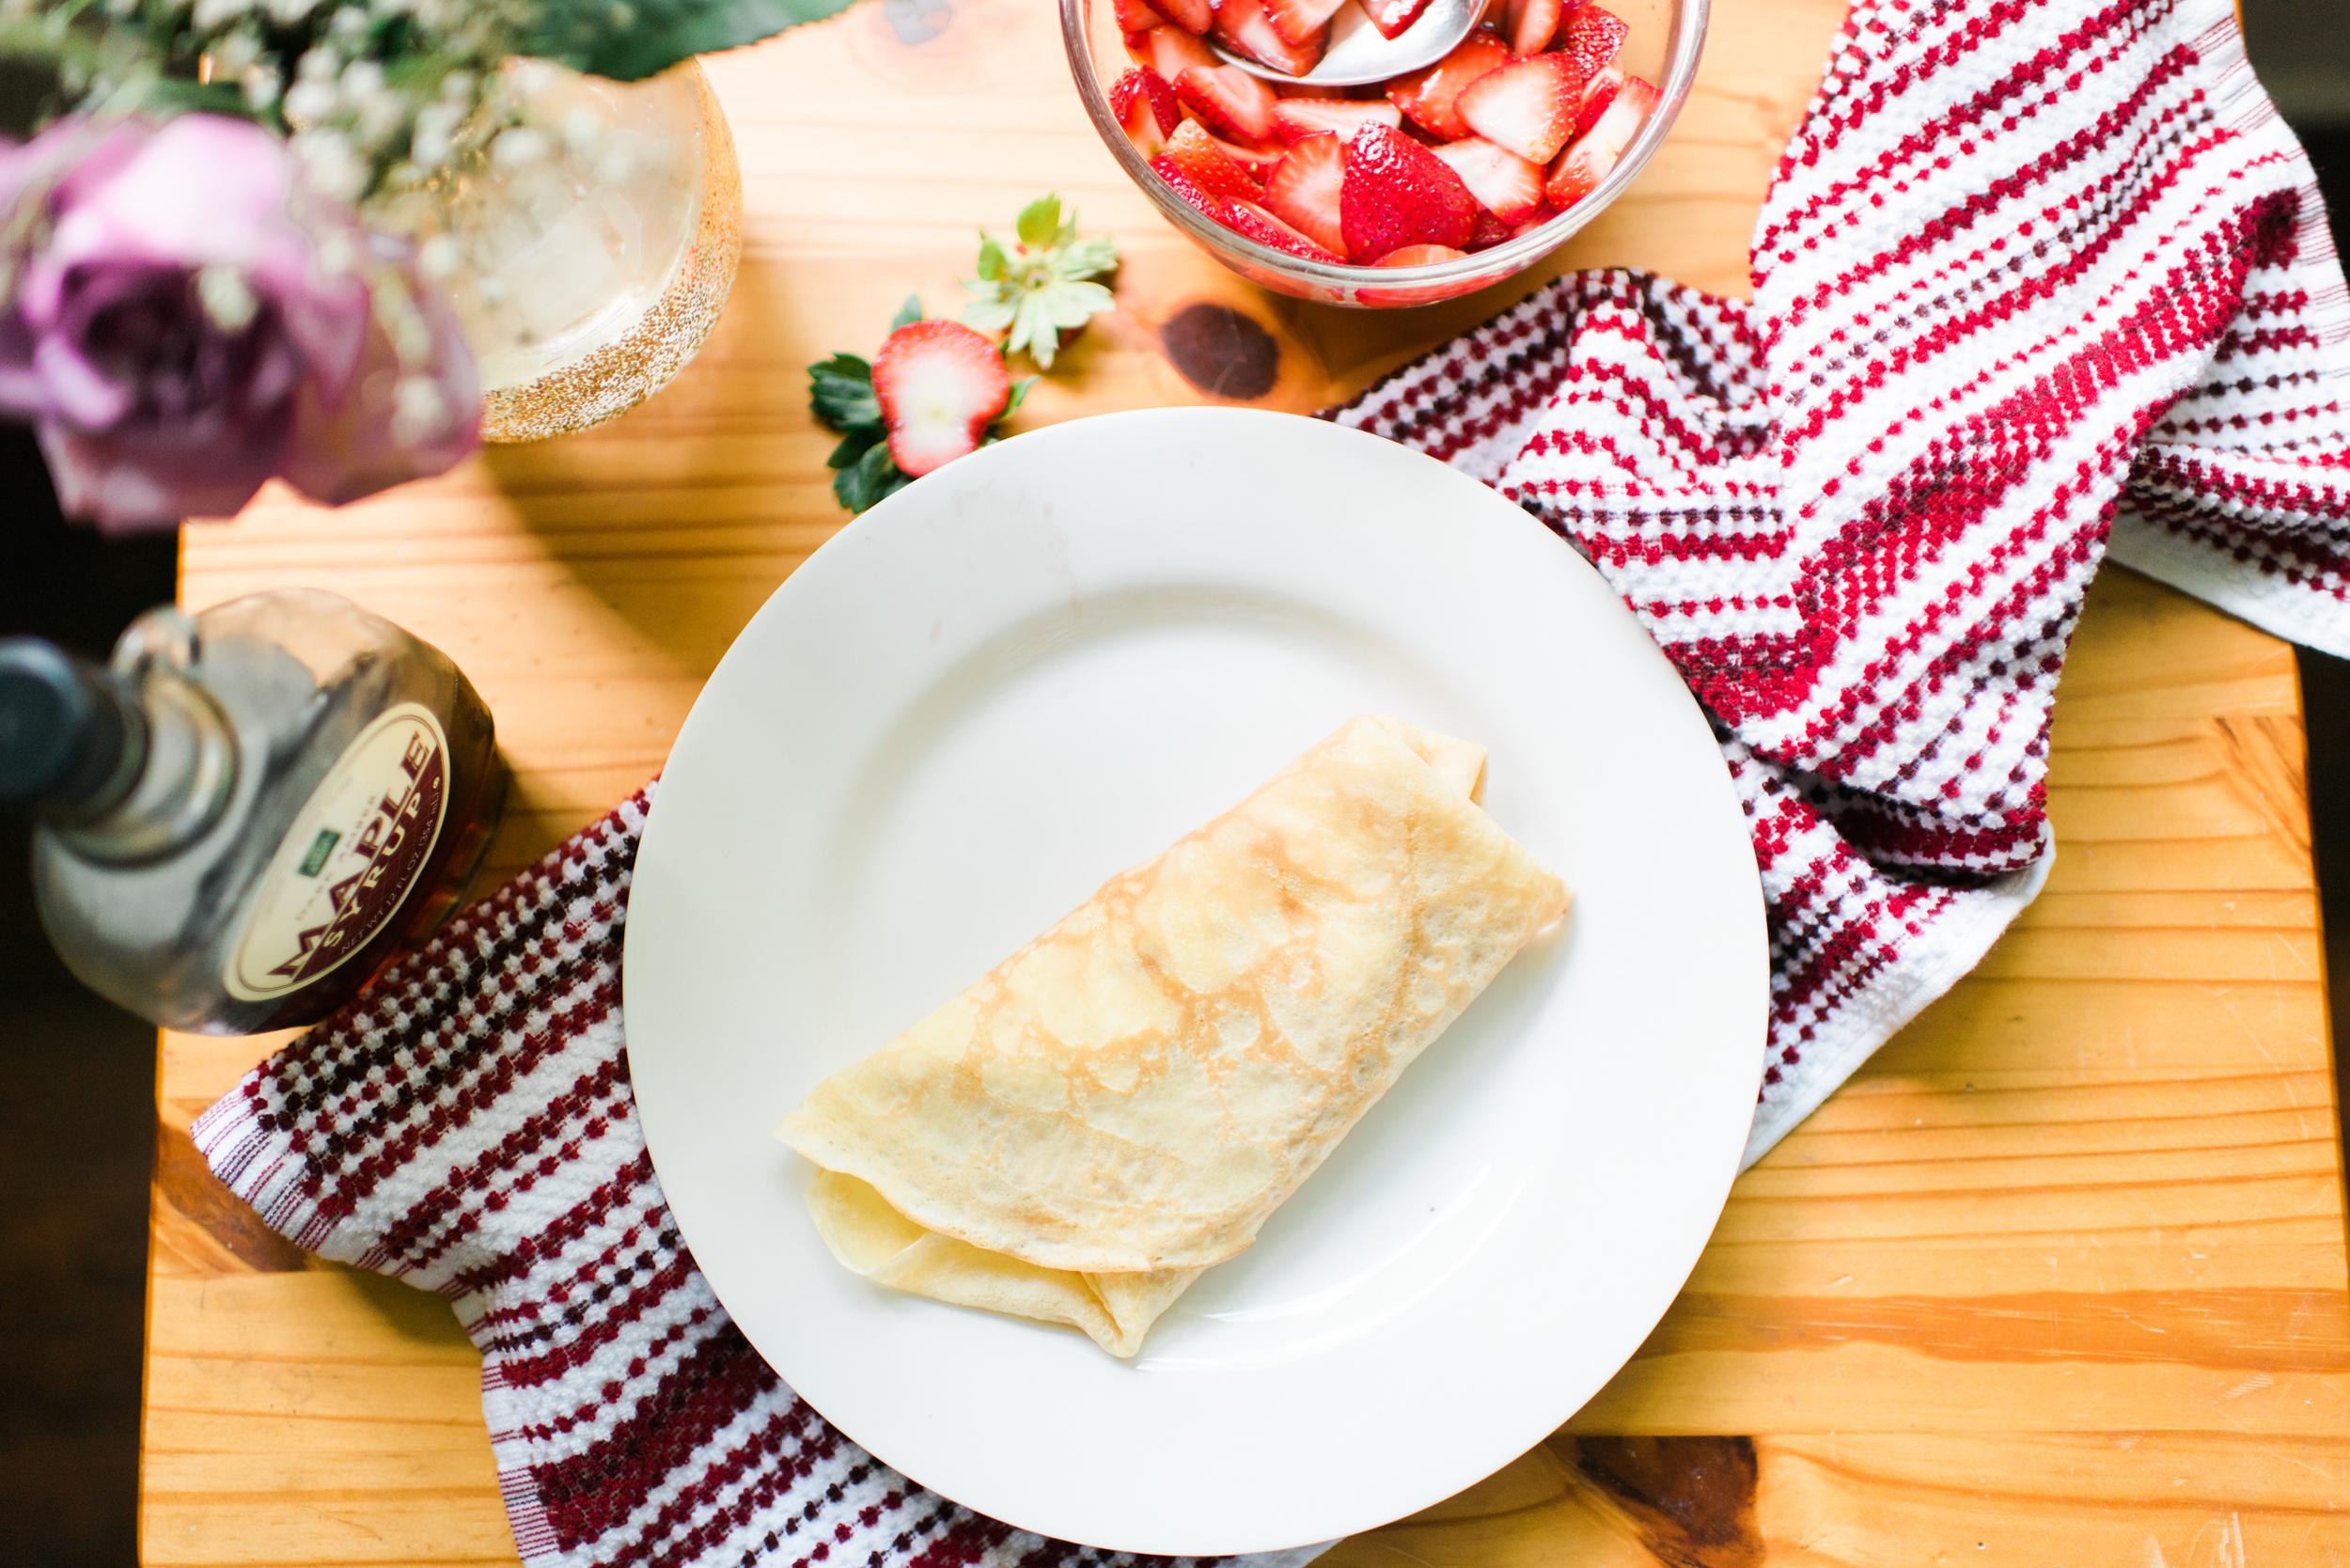 the-best-homemade-crepe-recipe-the-spice-girl-blog (31 of 36).jpg